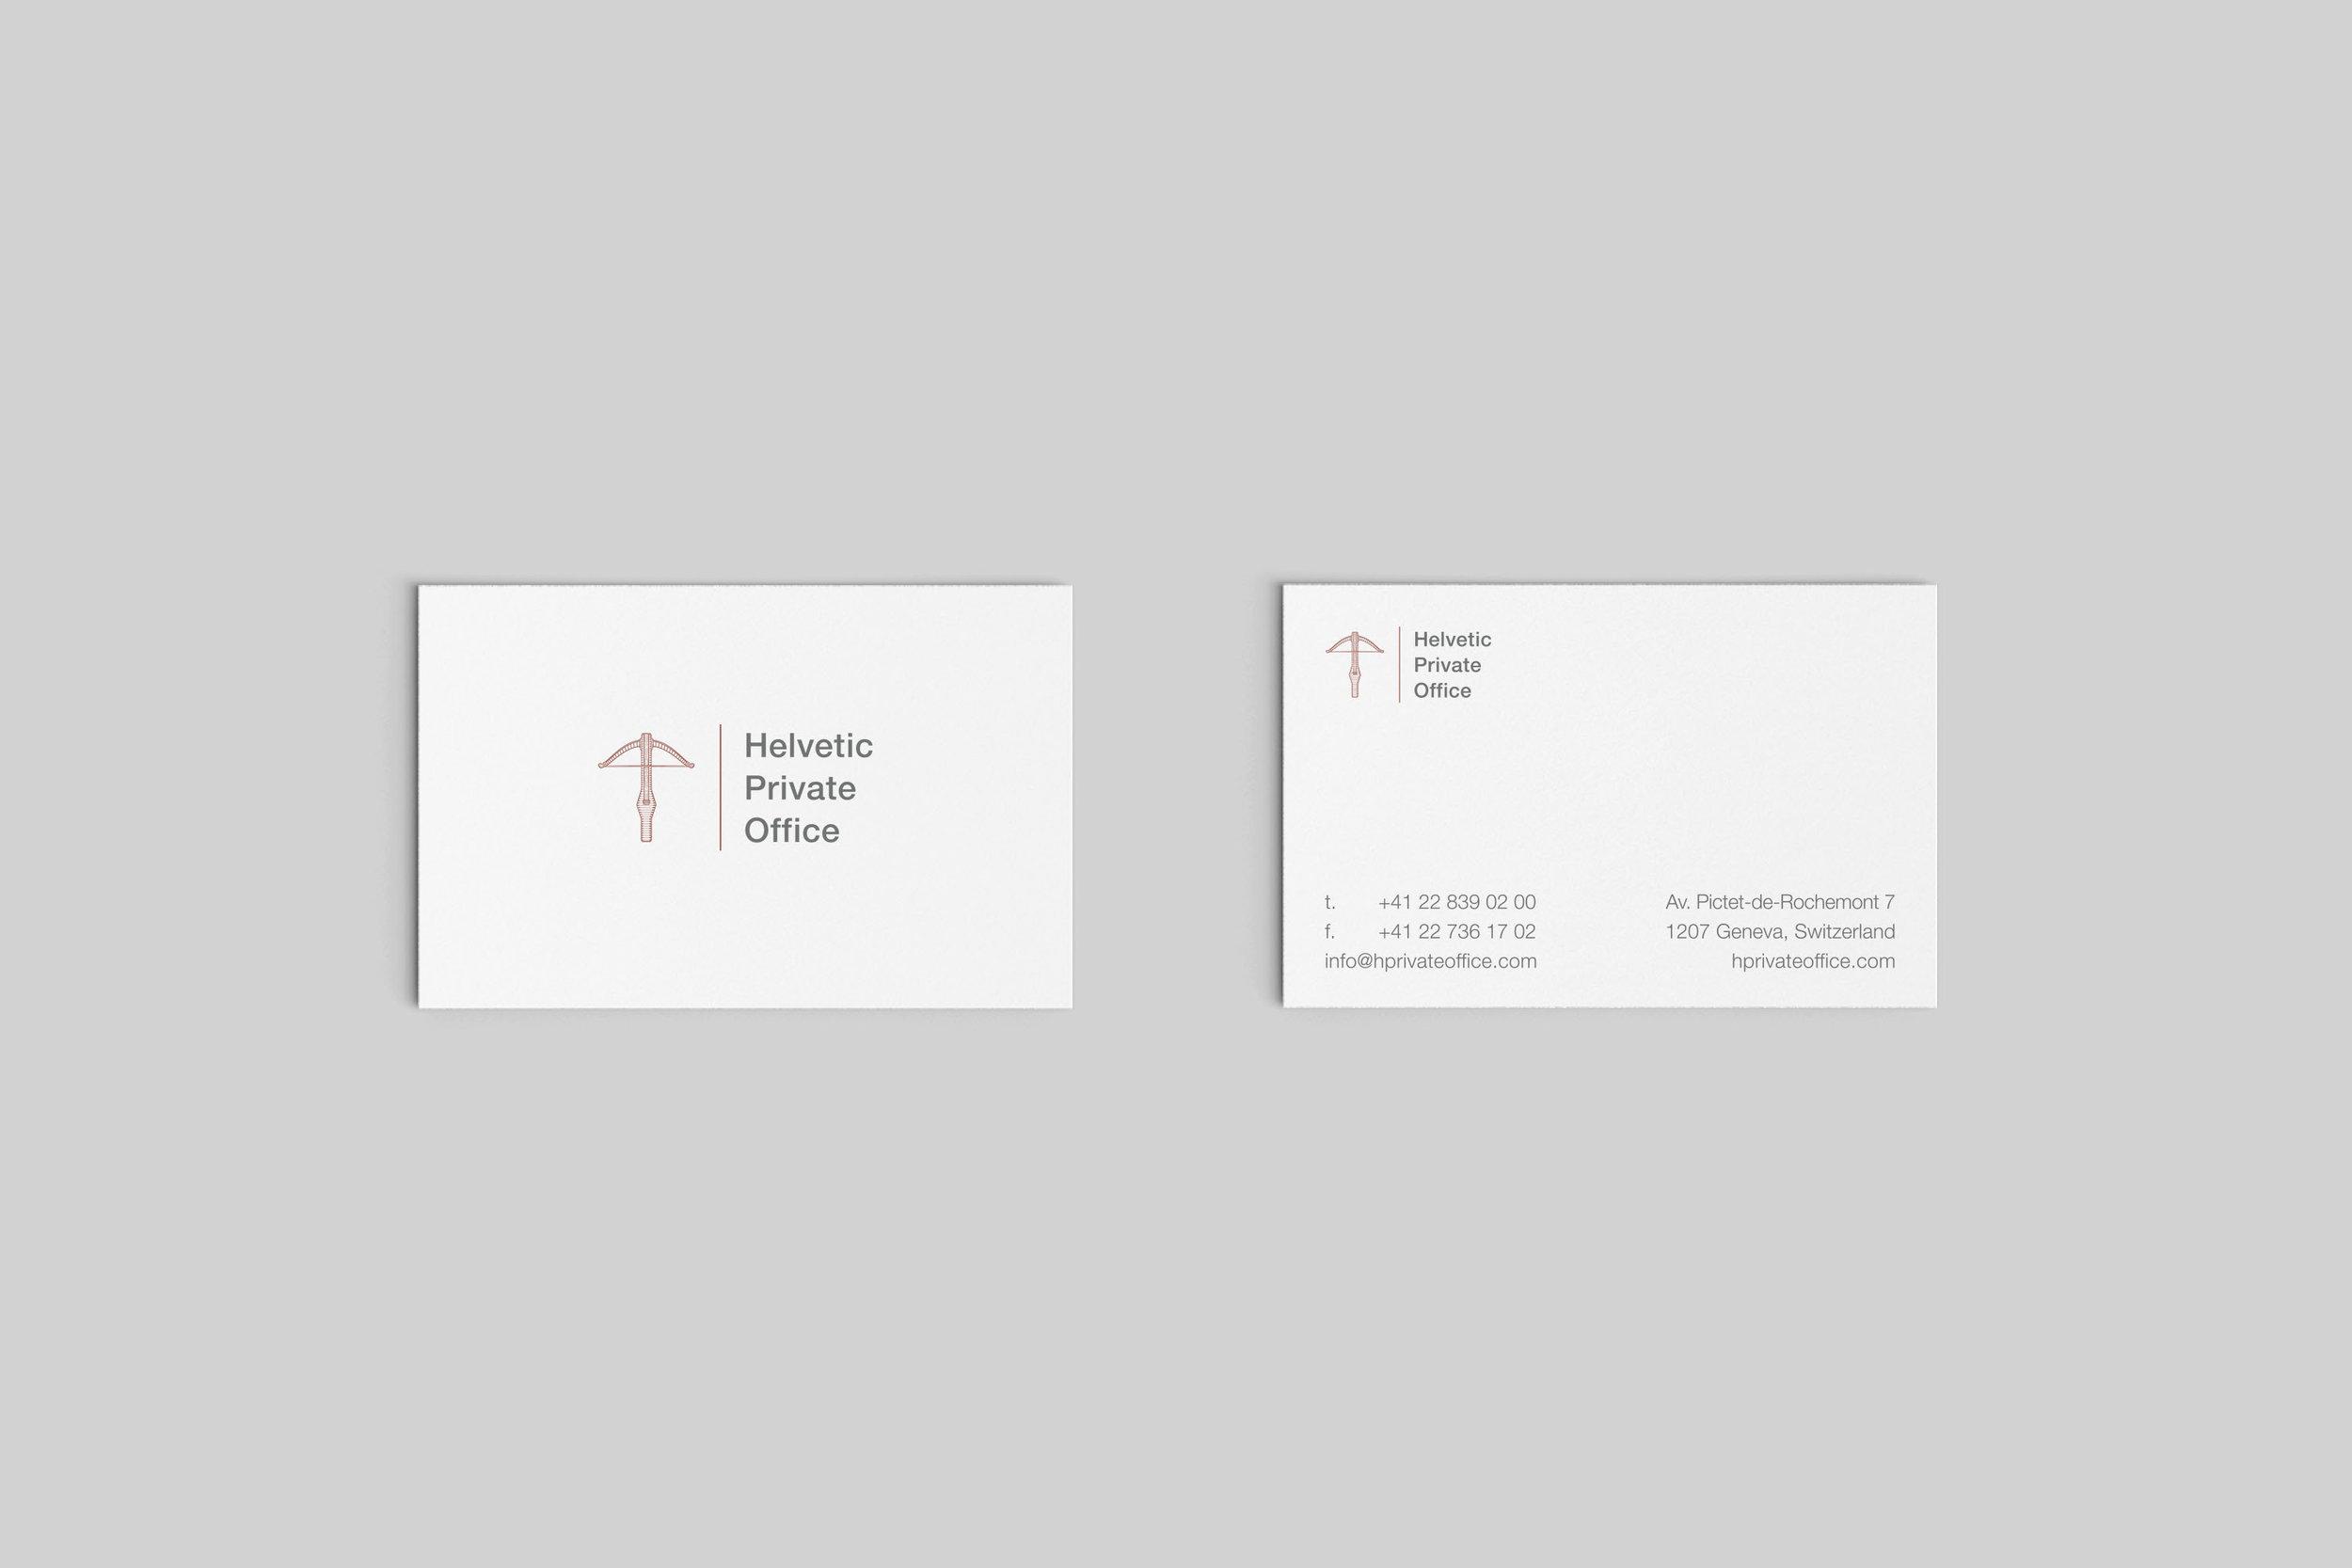 19.-hpo-identity-presentation.jpg